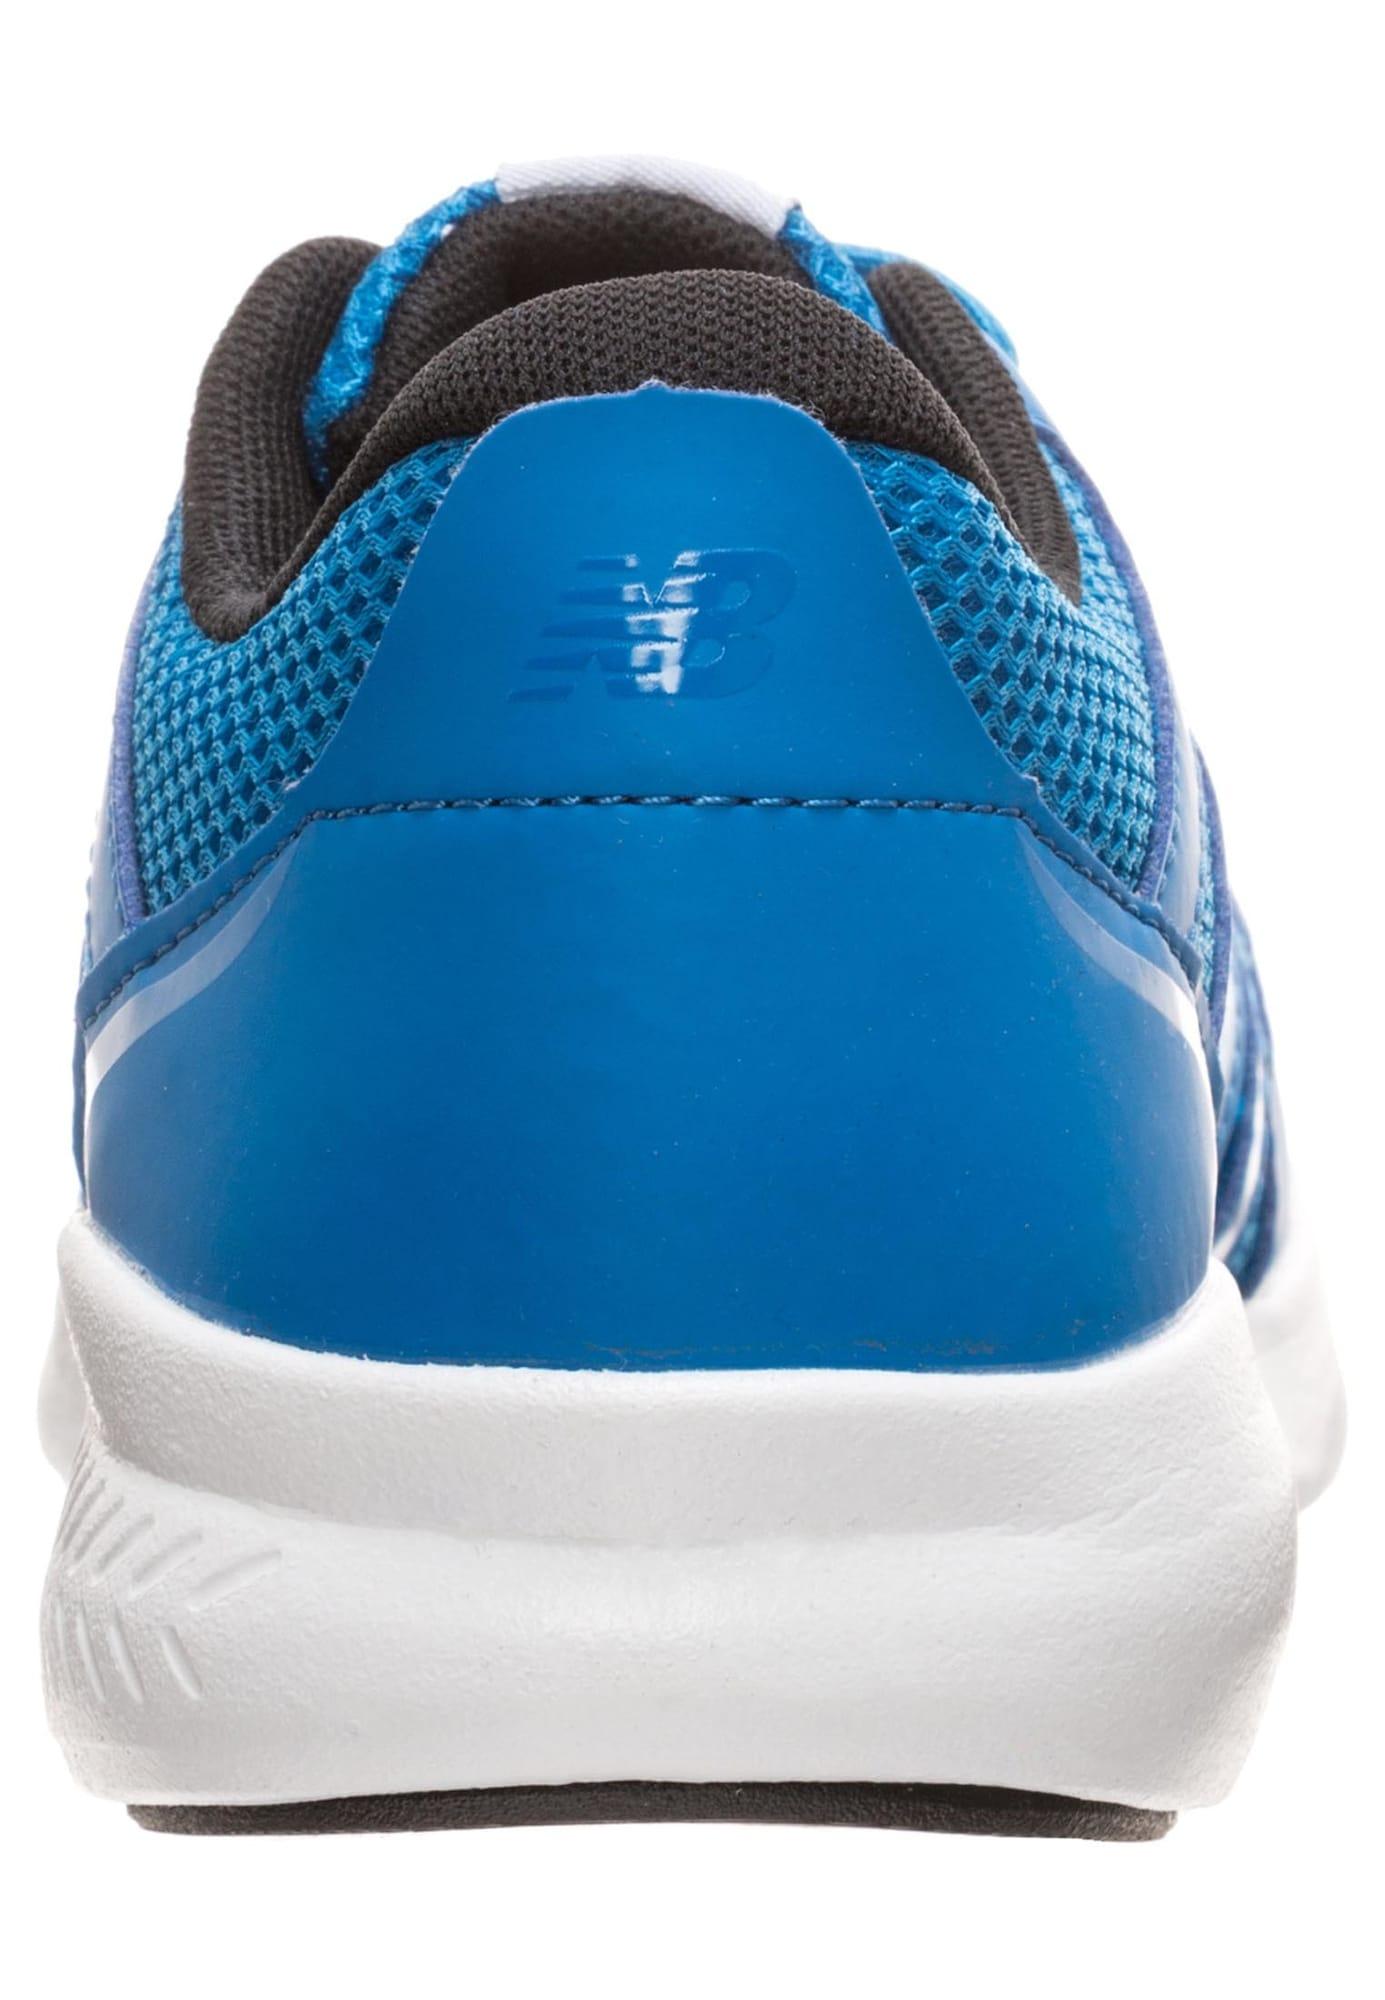 e8402e562b5 New Balance, Meisjes Sportschoen YK570-BL-M, blauw / wit